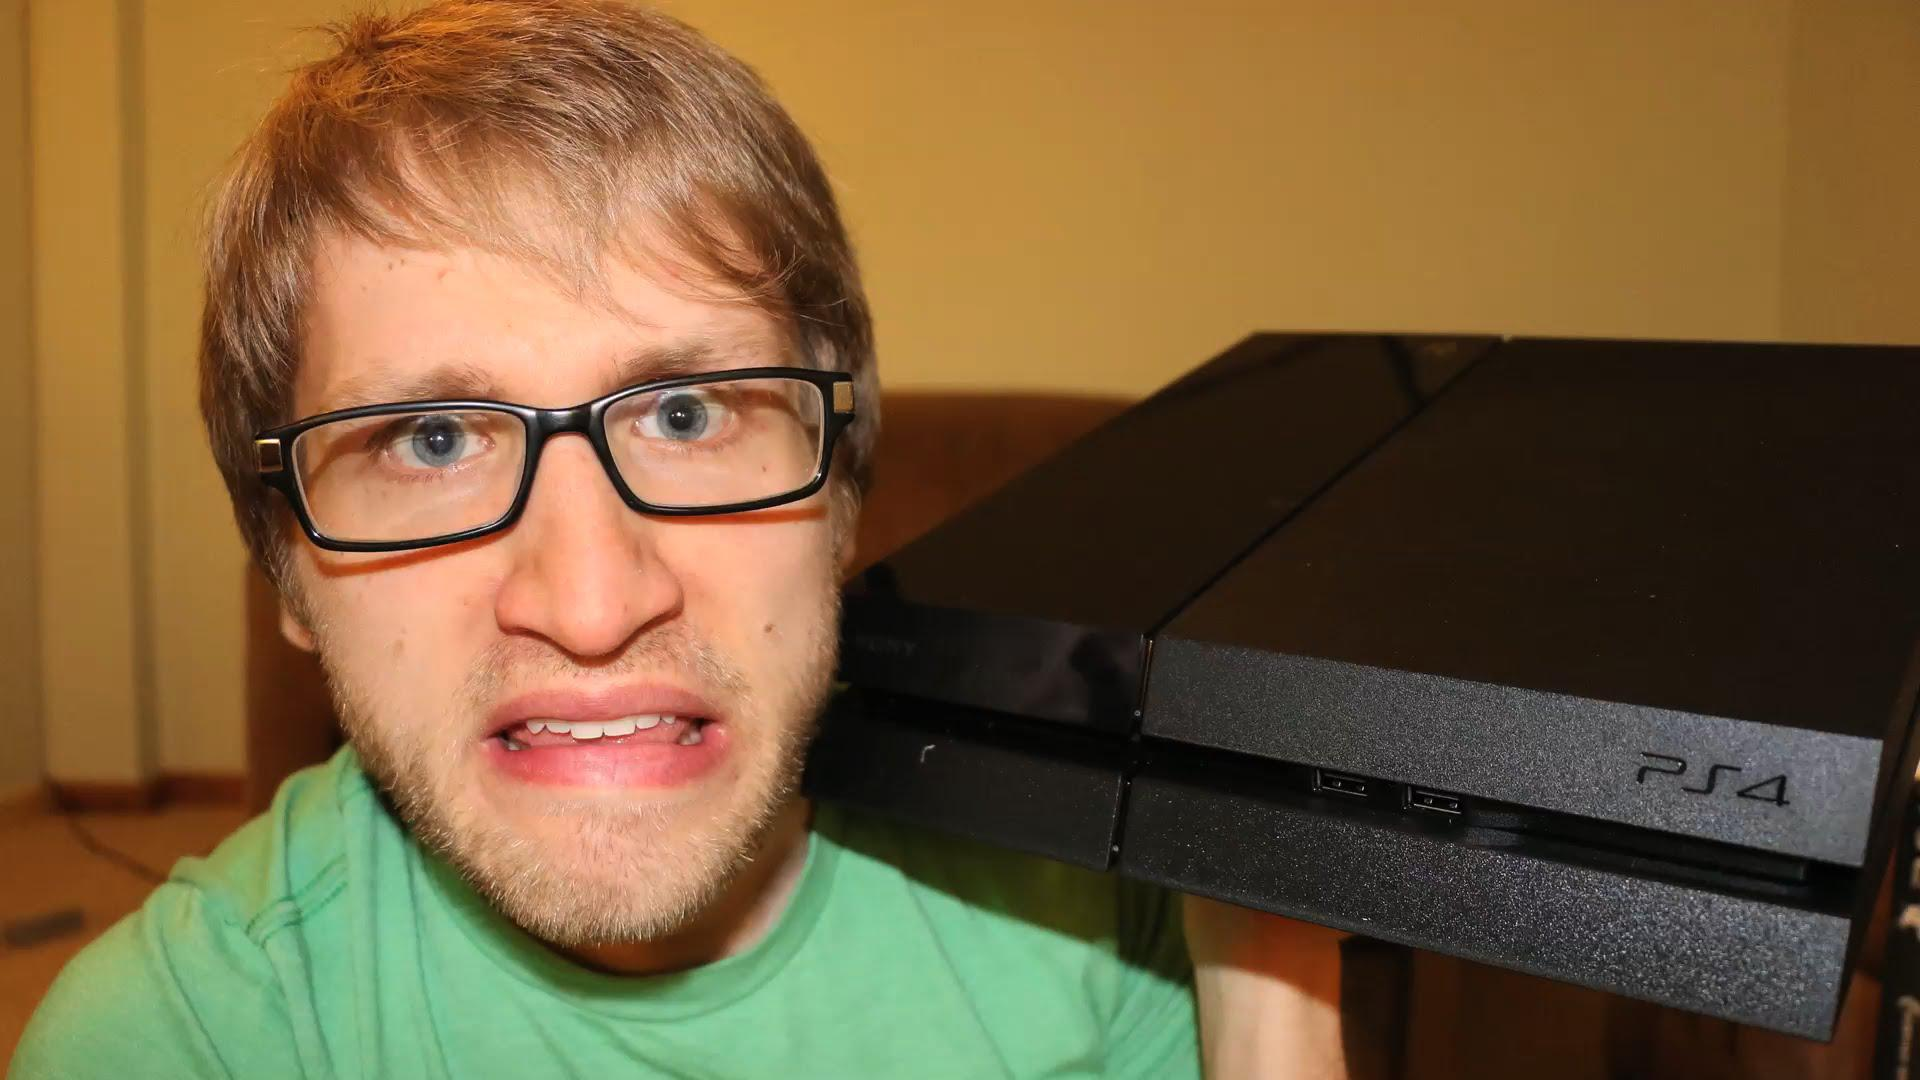 PS4至今依旧在困扰我们的八个问题